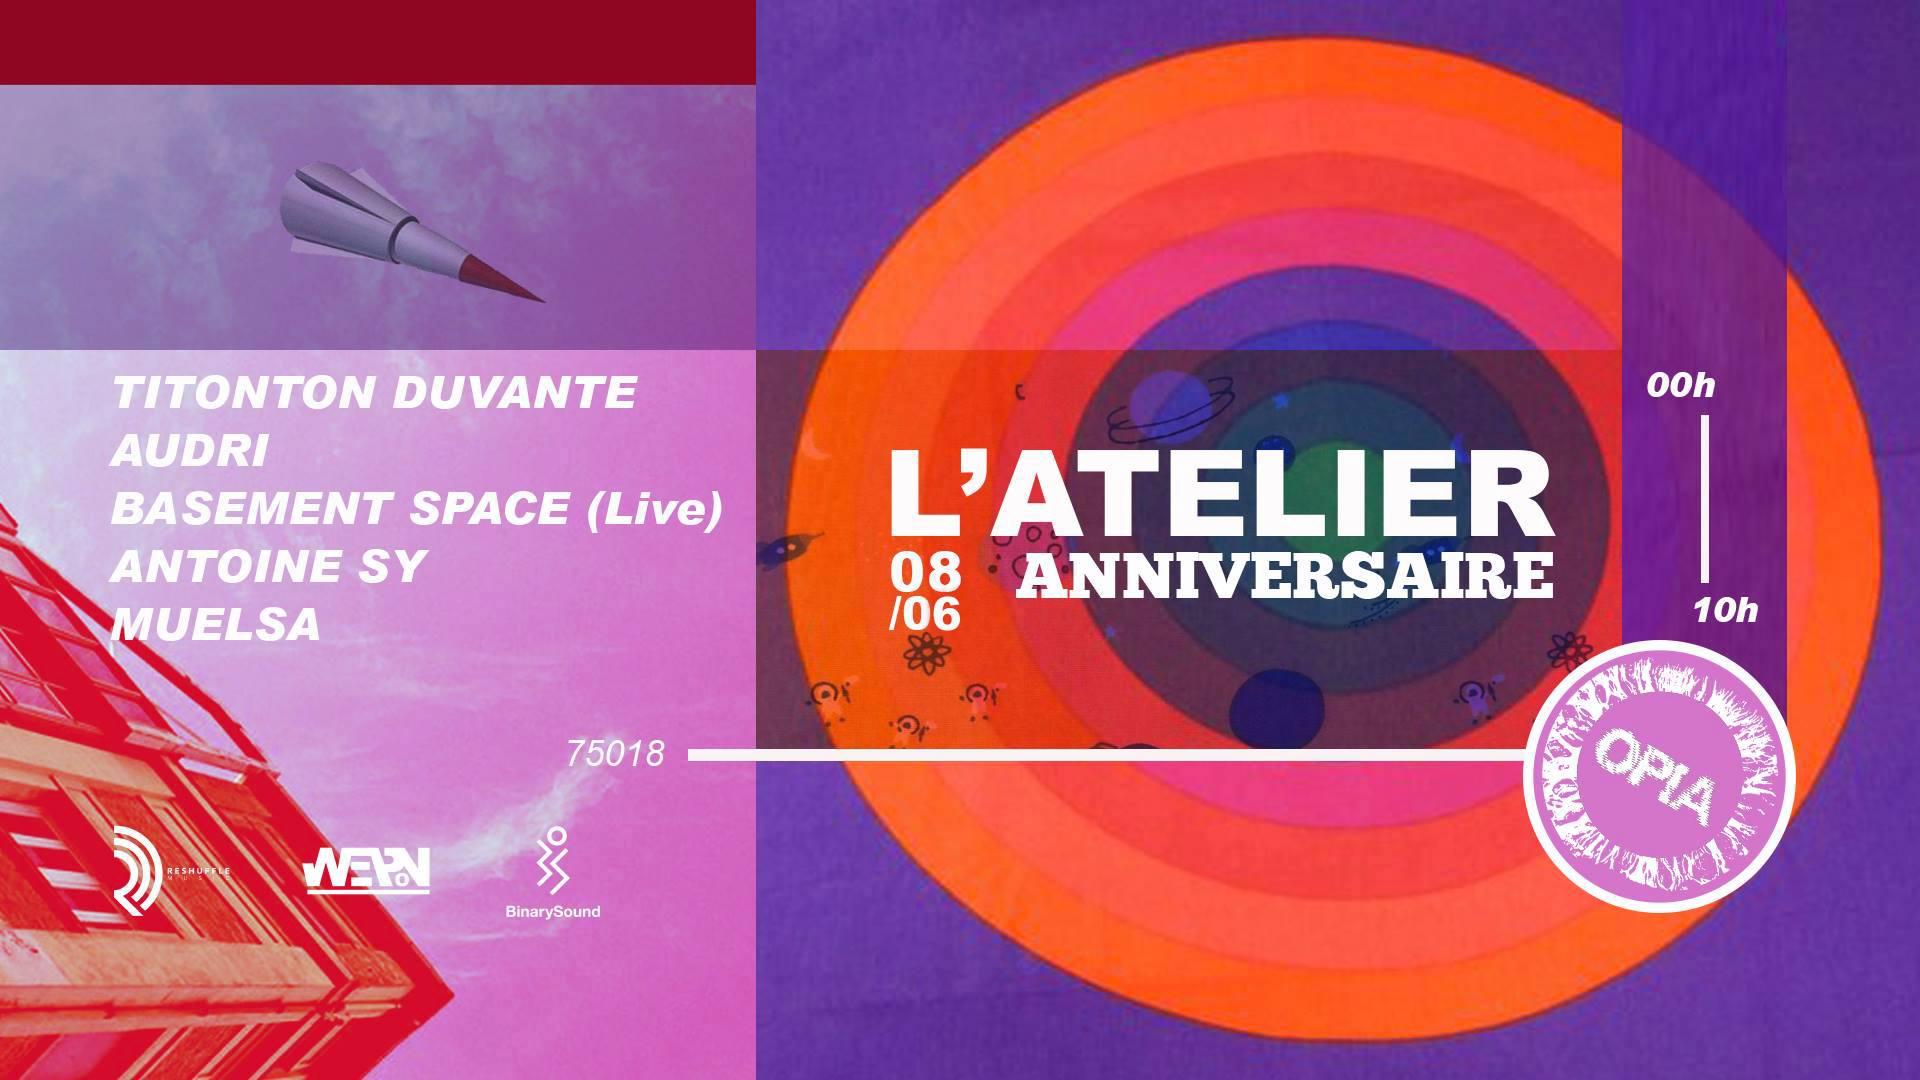 L'Atelier First Year Anniversary : Titonton Duvante & OPIA